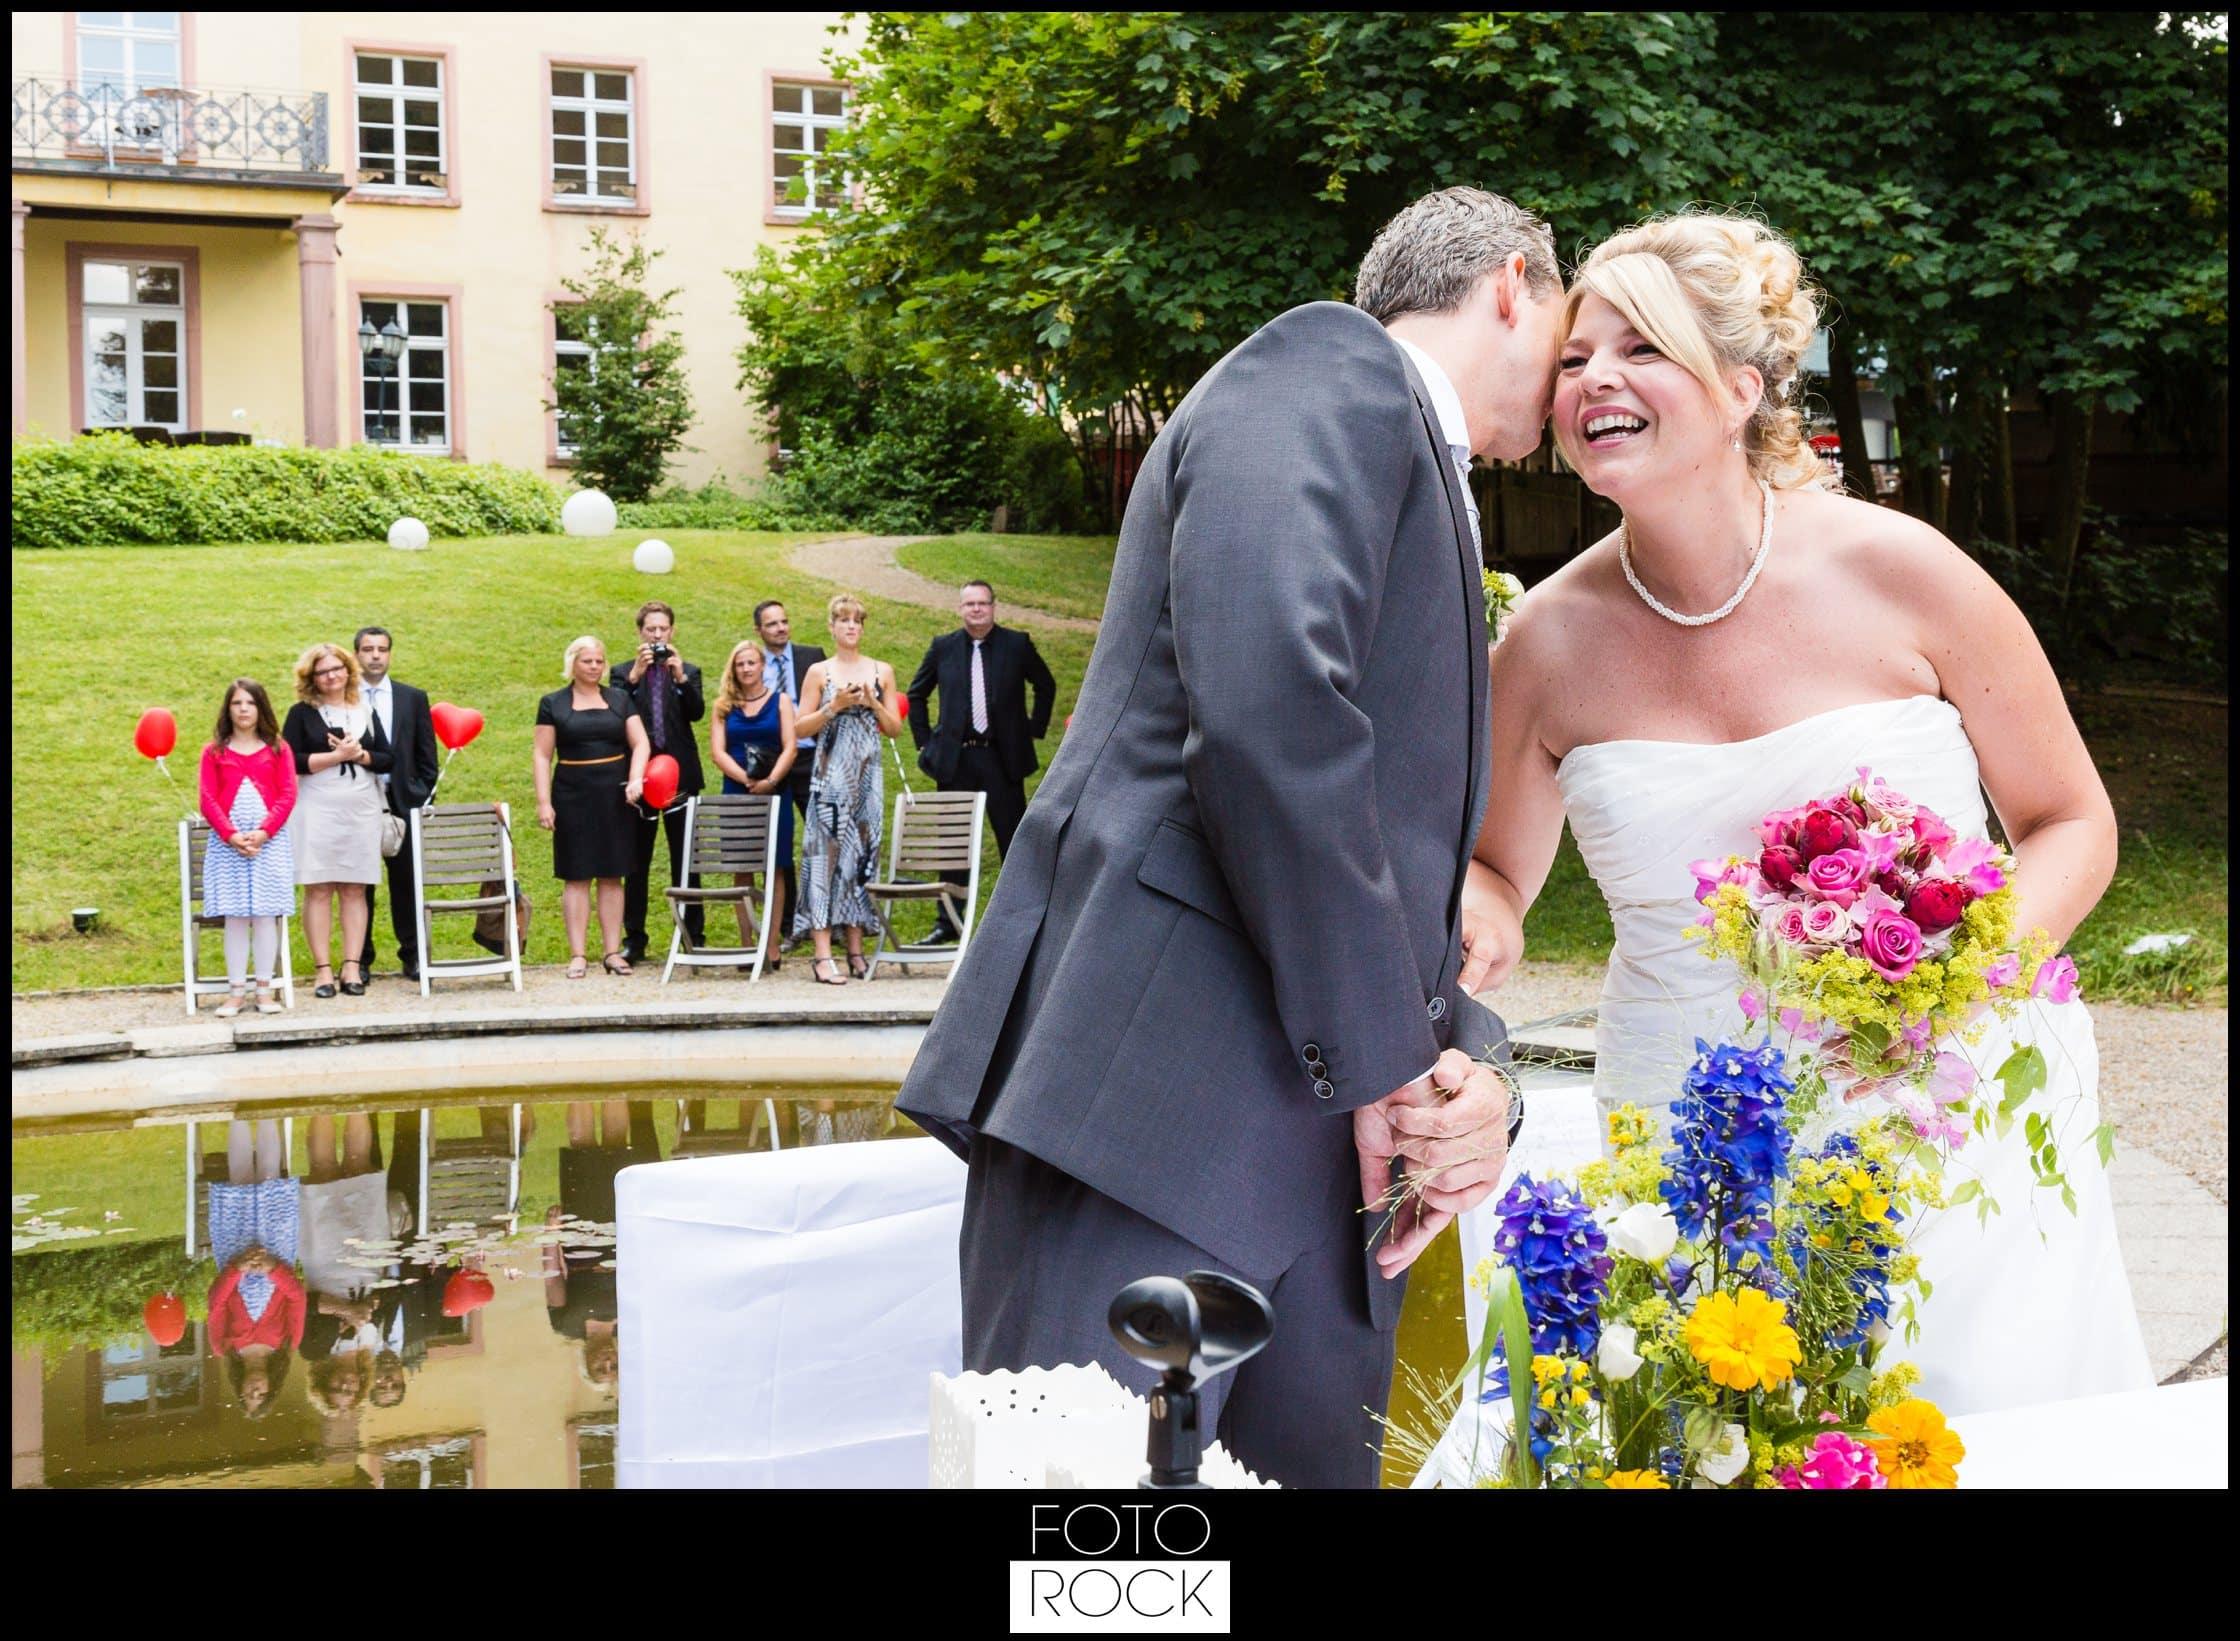 Hochzeit Jesuitenschloss Freiburg brautpaar kuss teich gäste